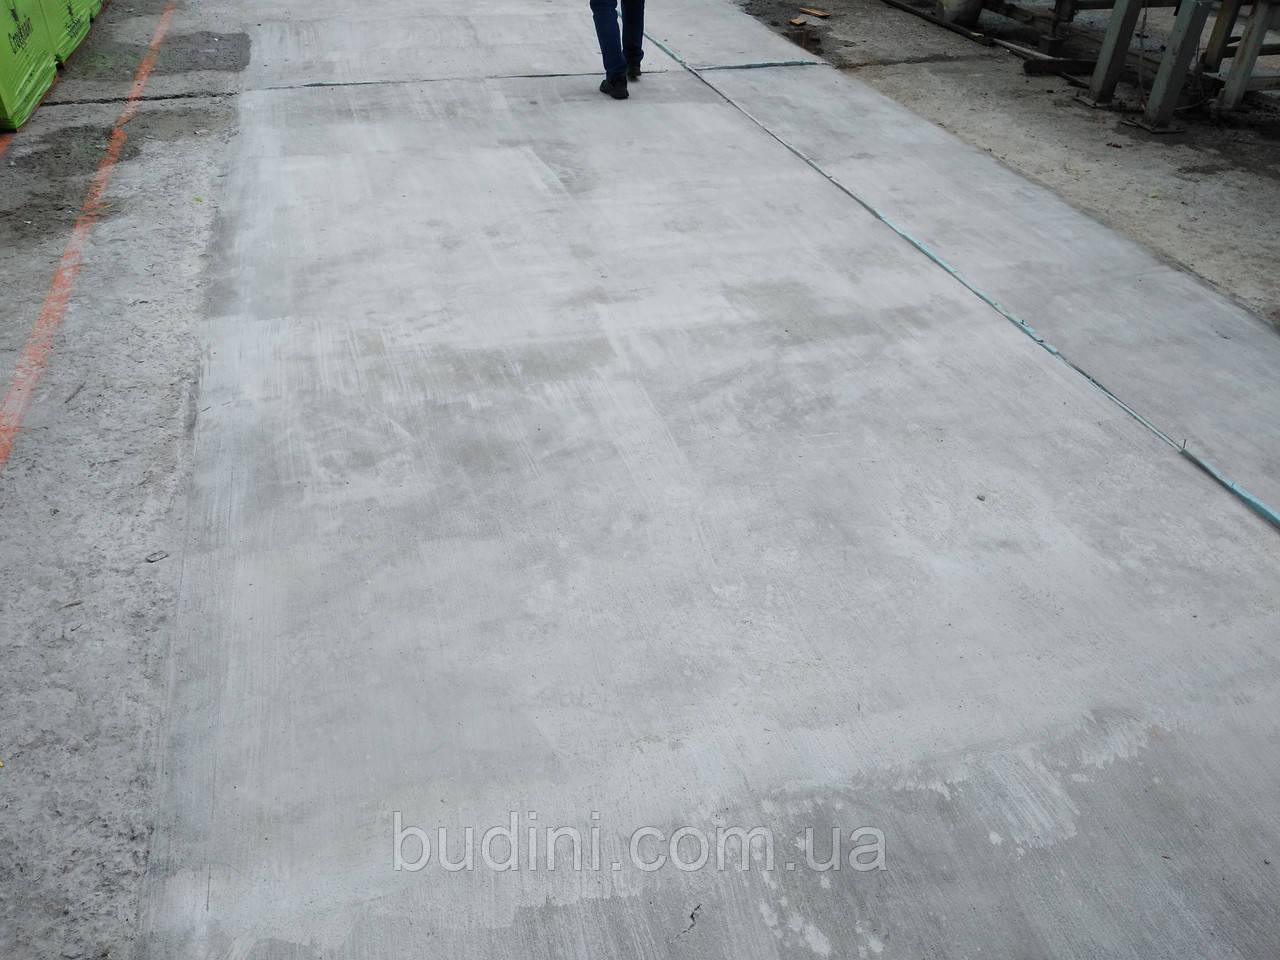 Бетон реставрировать мешать бетон миксером